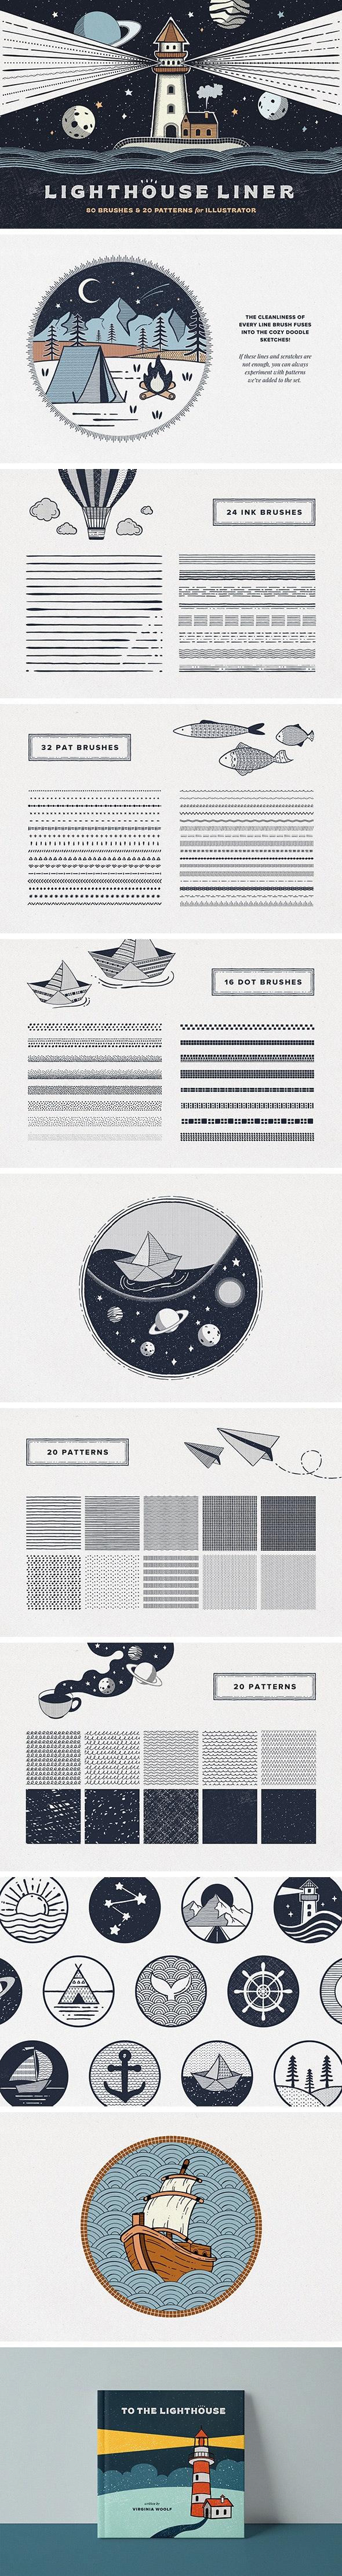 Lighthouse Liner Illustrator Brushes - Brushes Illustrator